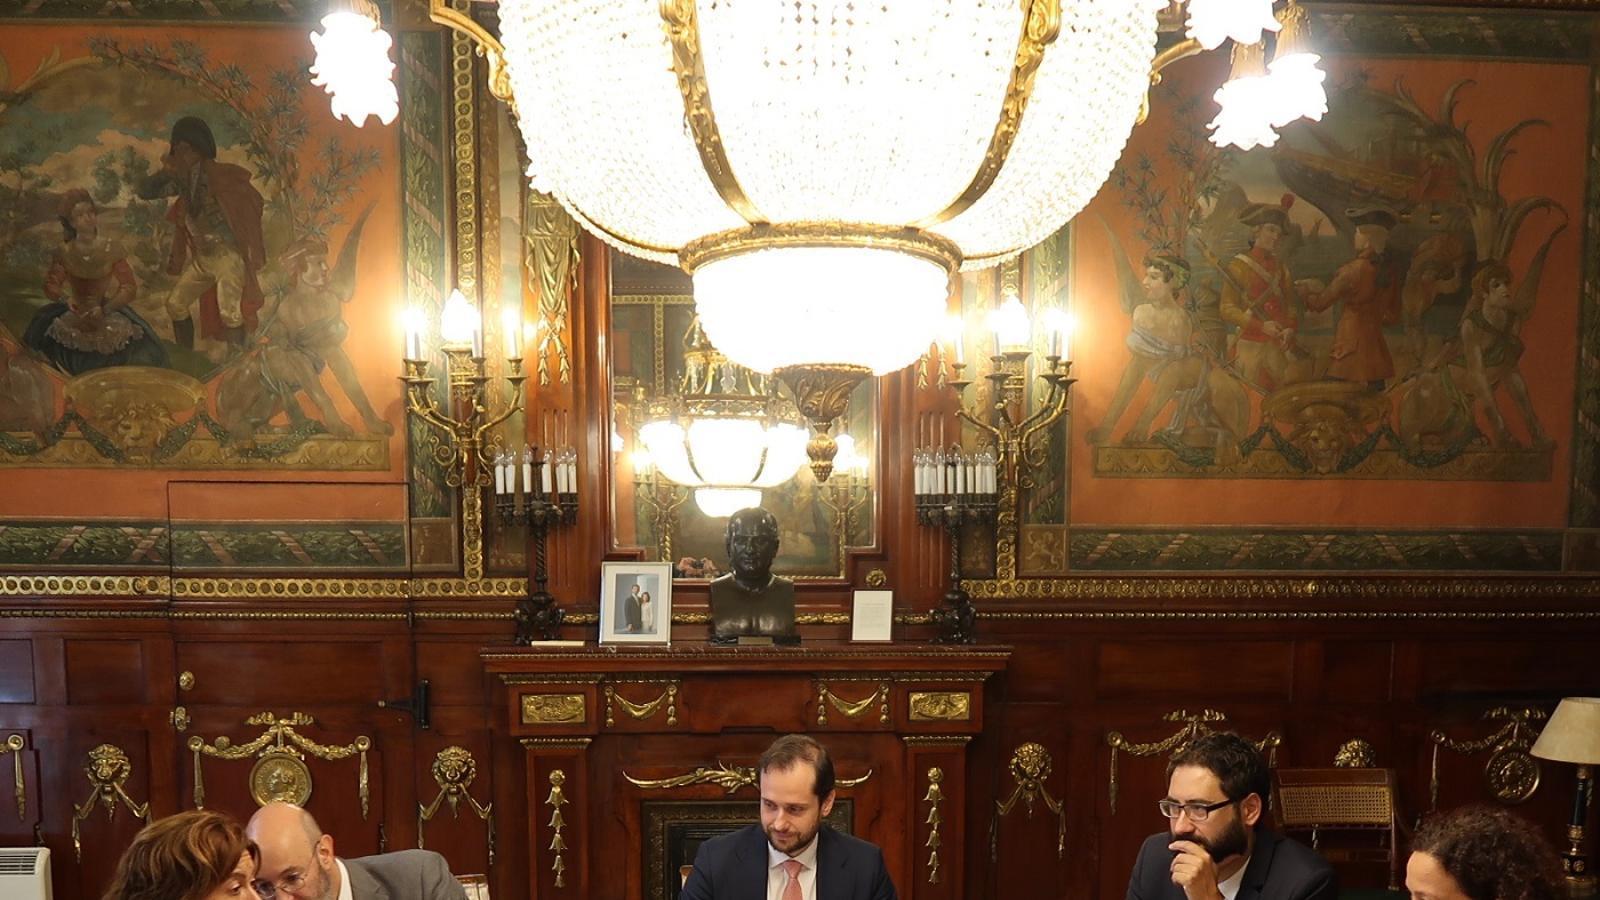 Declaracions de la consellera Cladera (1212.0 KB) Reunió entre la representació del Govern de les Illes Balears, encapçalada per la consellera Catalina Cladera, i la secretaria d'Estat d'Hisenda, Inés Bardón, juntament amb altres representants del Ministeri d'Hisenda.